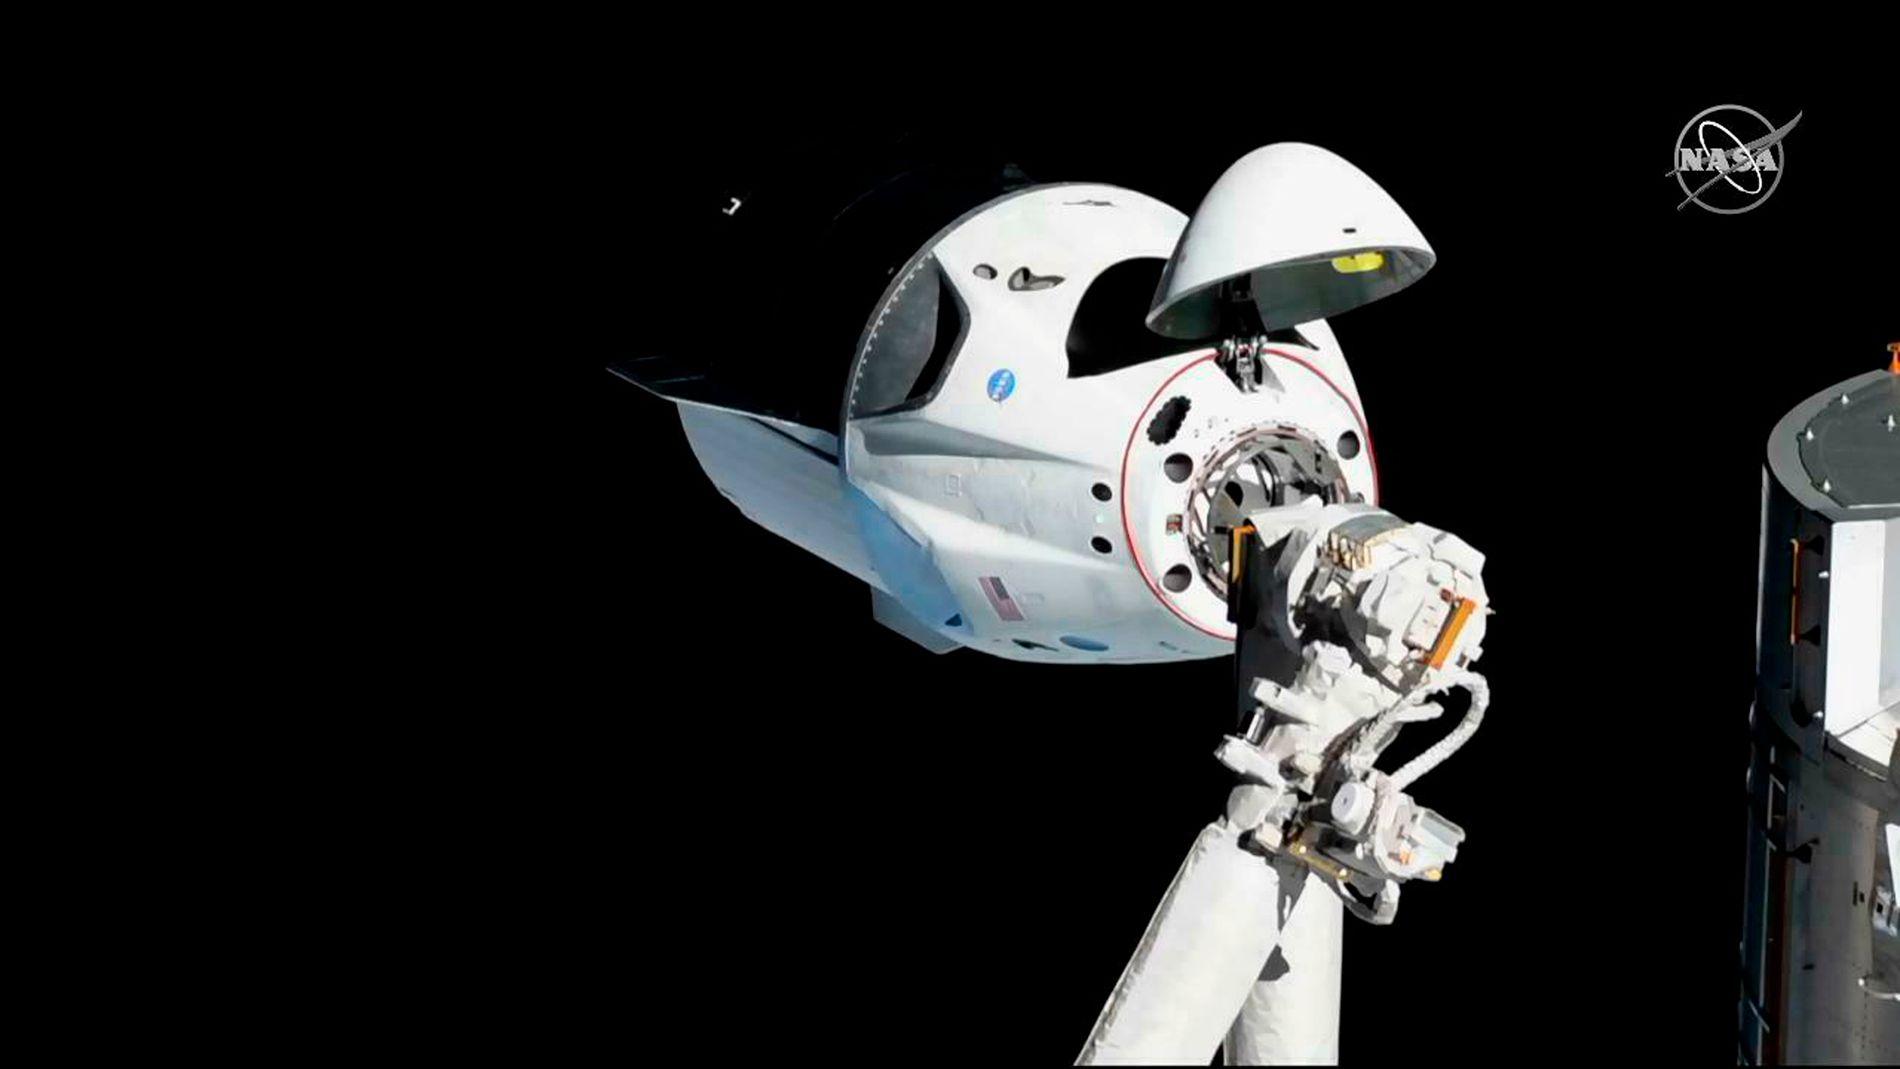 LIK ROMKAPSEL: Et bilde fra 3. mars viser en Crew Dragon-kapsel fra selskapet SpaceX ved Den internasjonale romstasjonen. Den vellykkede testturen foregikk uten mannskap. Det er nå bekreftet at en slik romkapsel ble fullstendig ødelagt i en eksplosjon på Cape Canaveral 20. april.